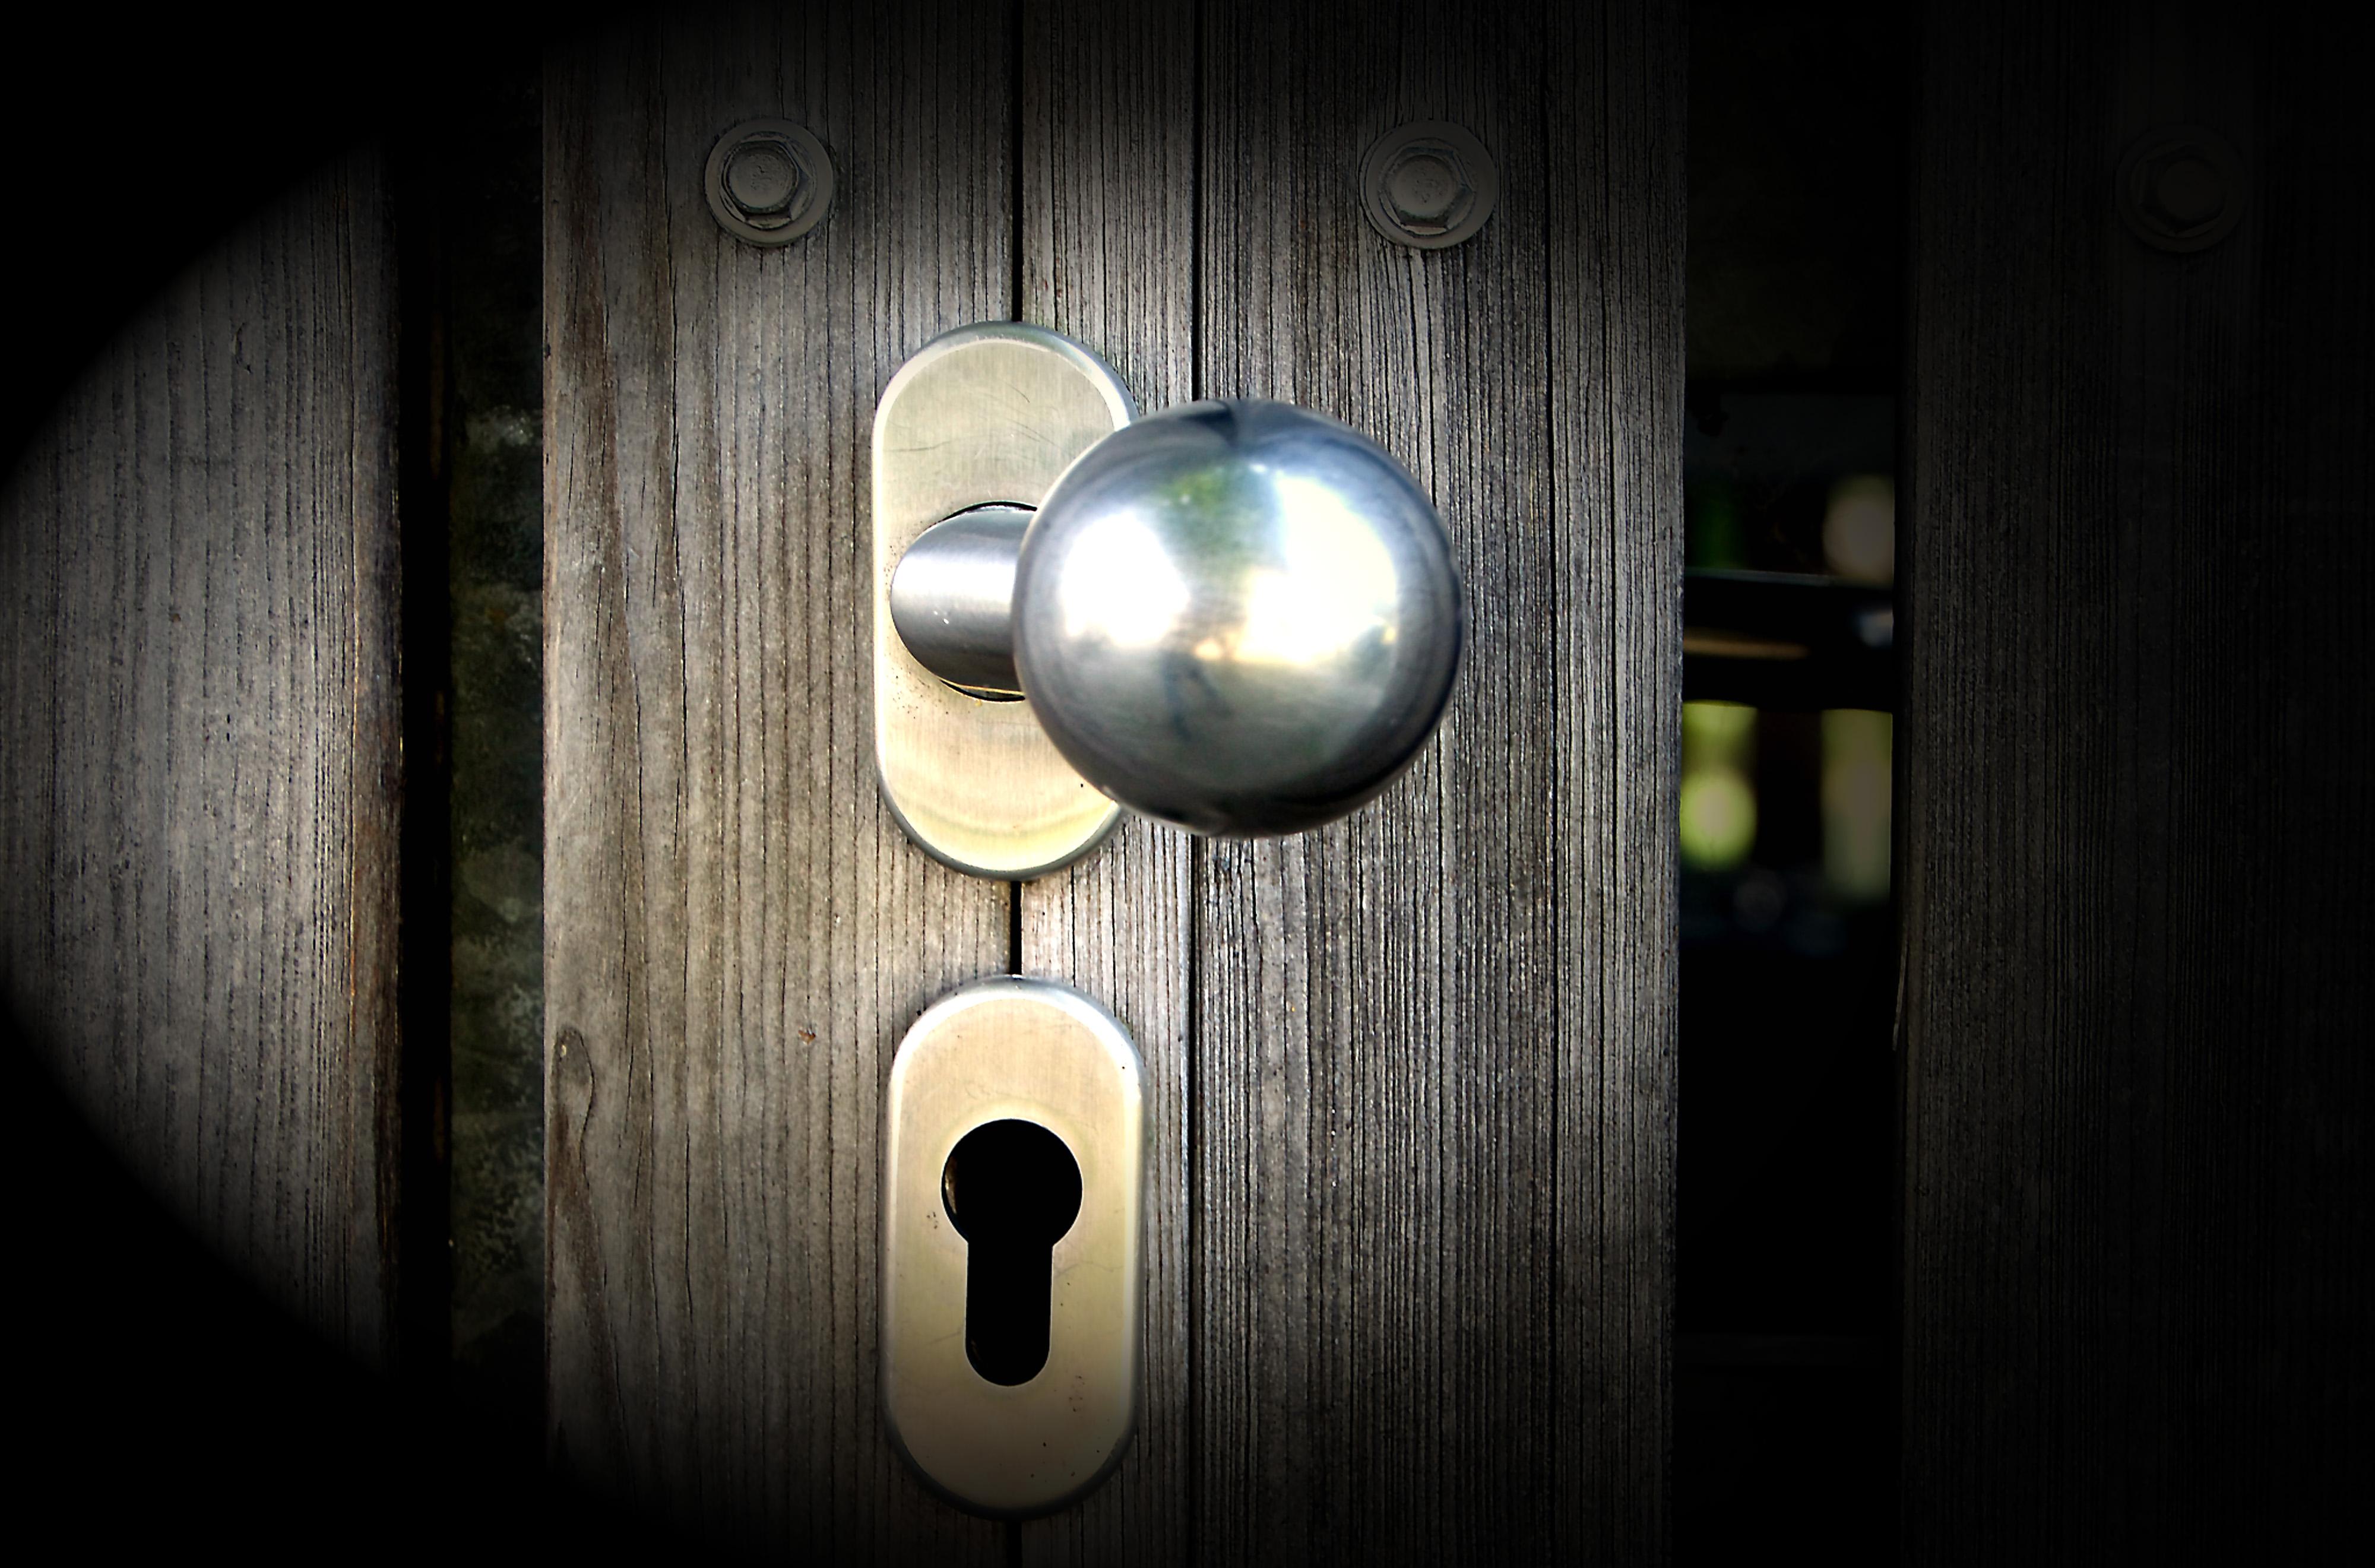 Closing Door